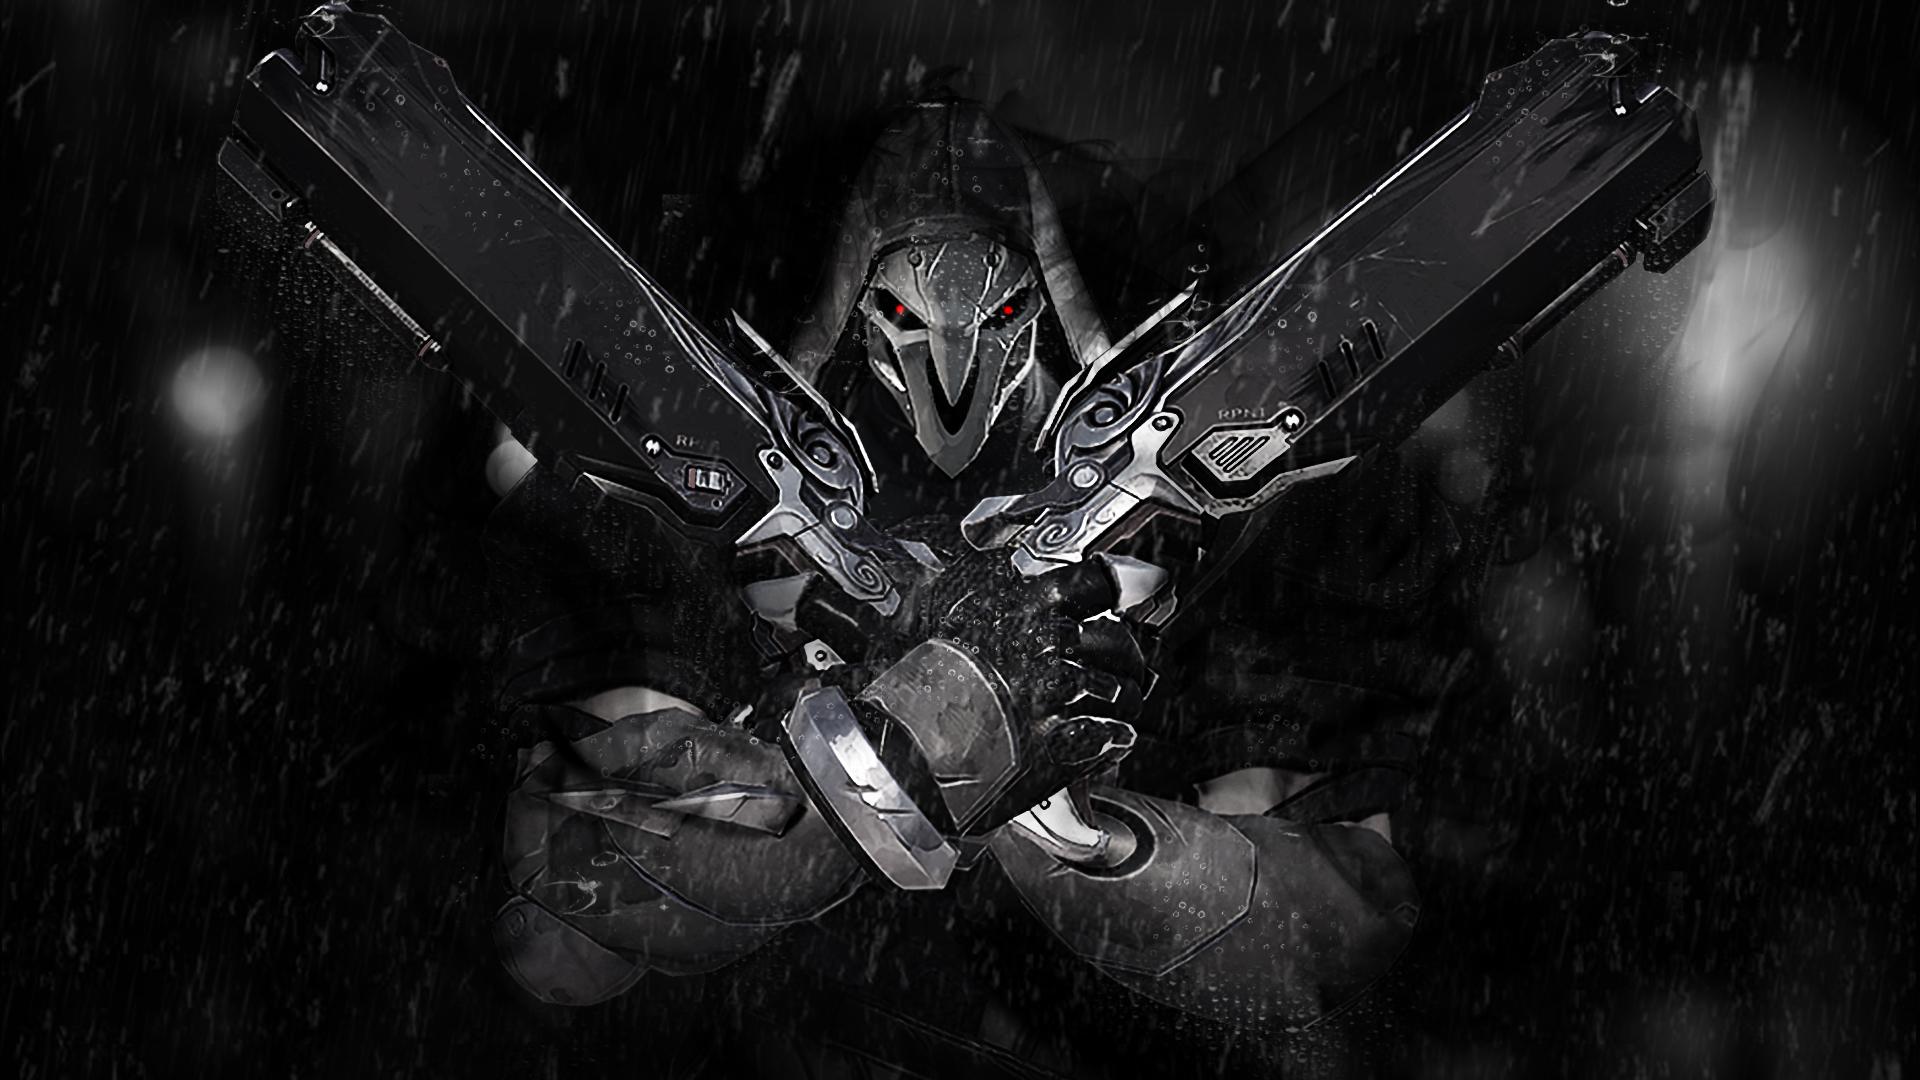 Overwatch Hanzo Wallpaper Iphone Desktop Wallpaper Reaper Overwatch Video Game Dark Hd